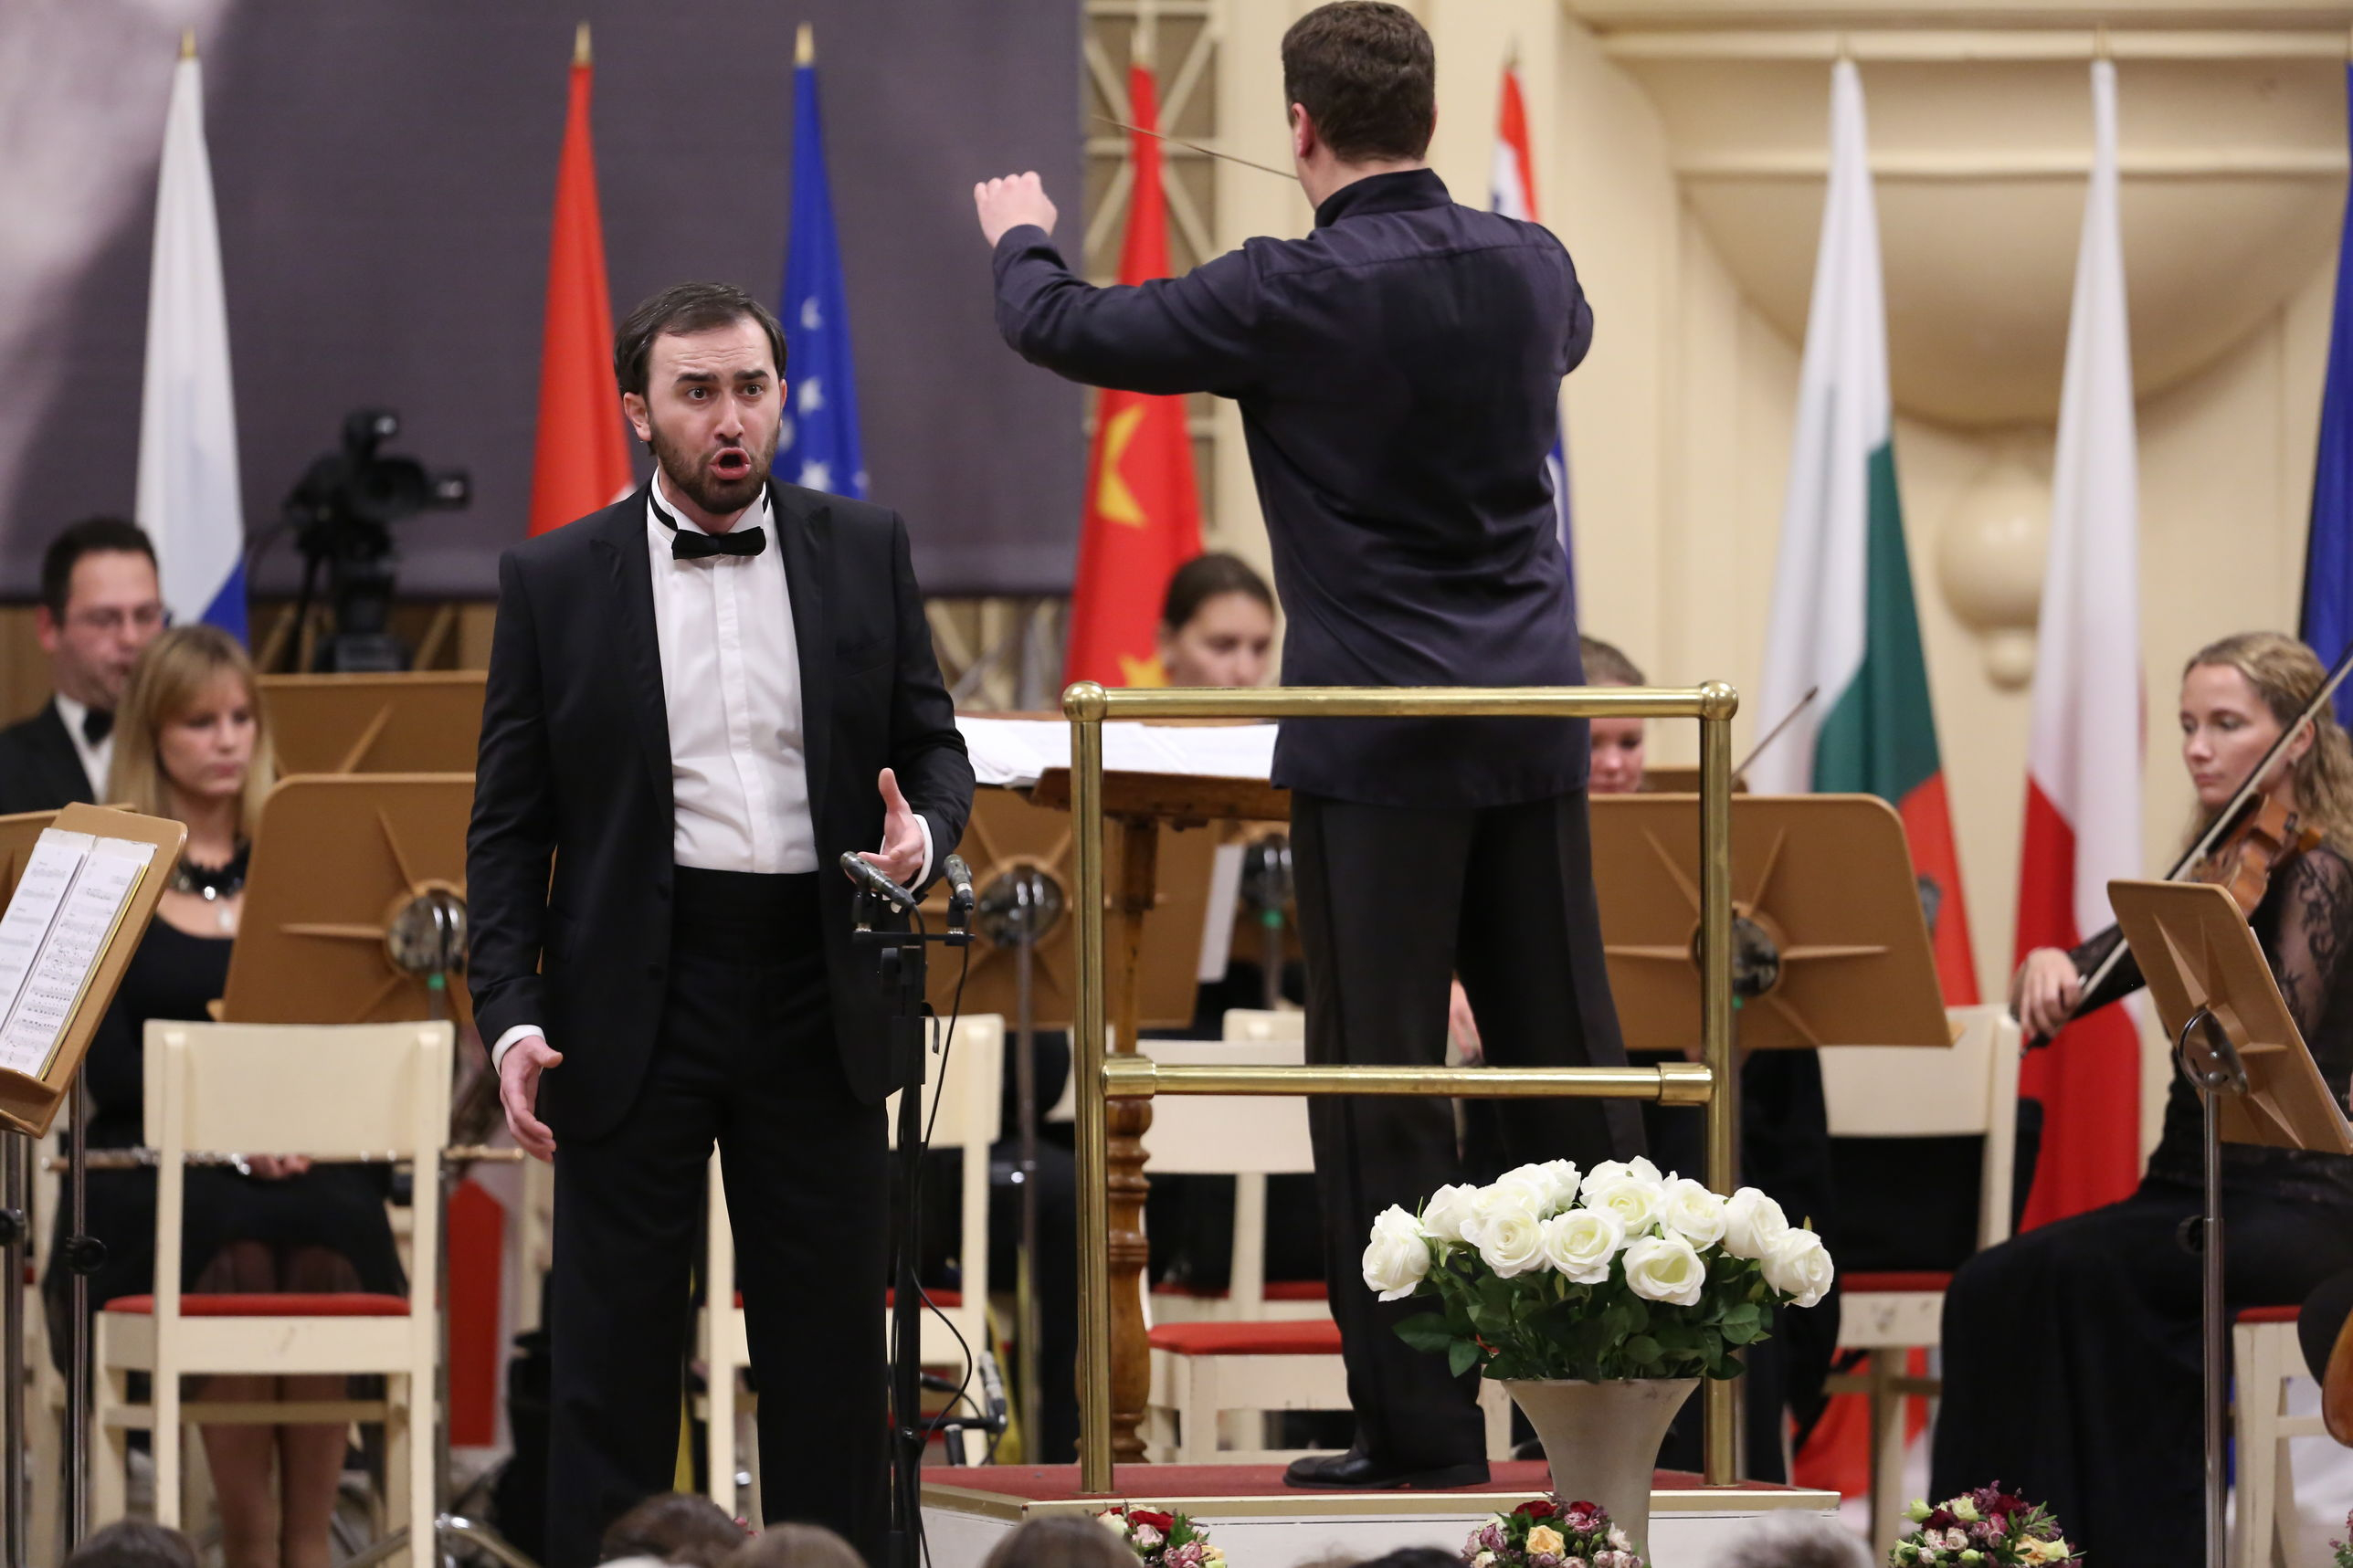 Завершился международный конкурс оперных певцов